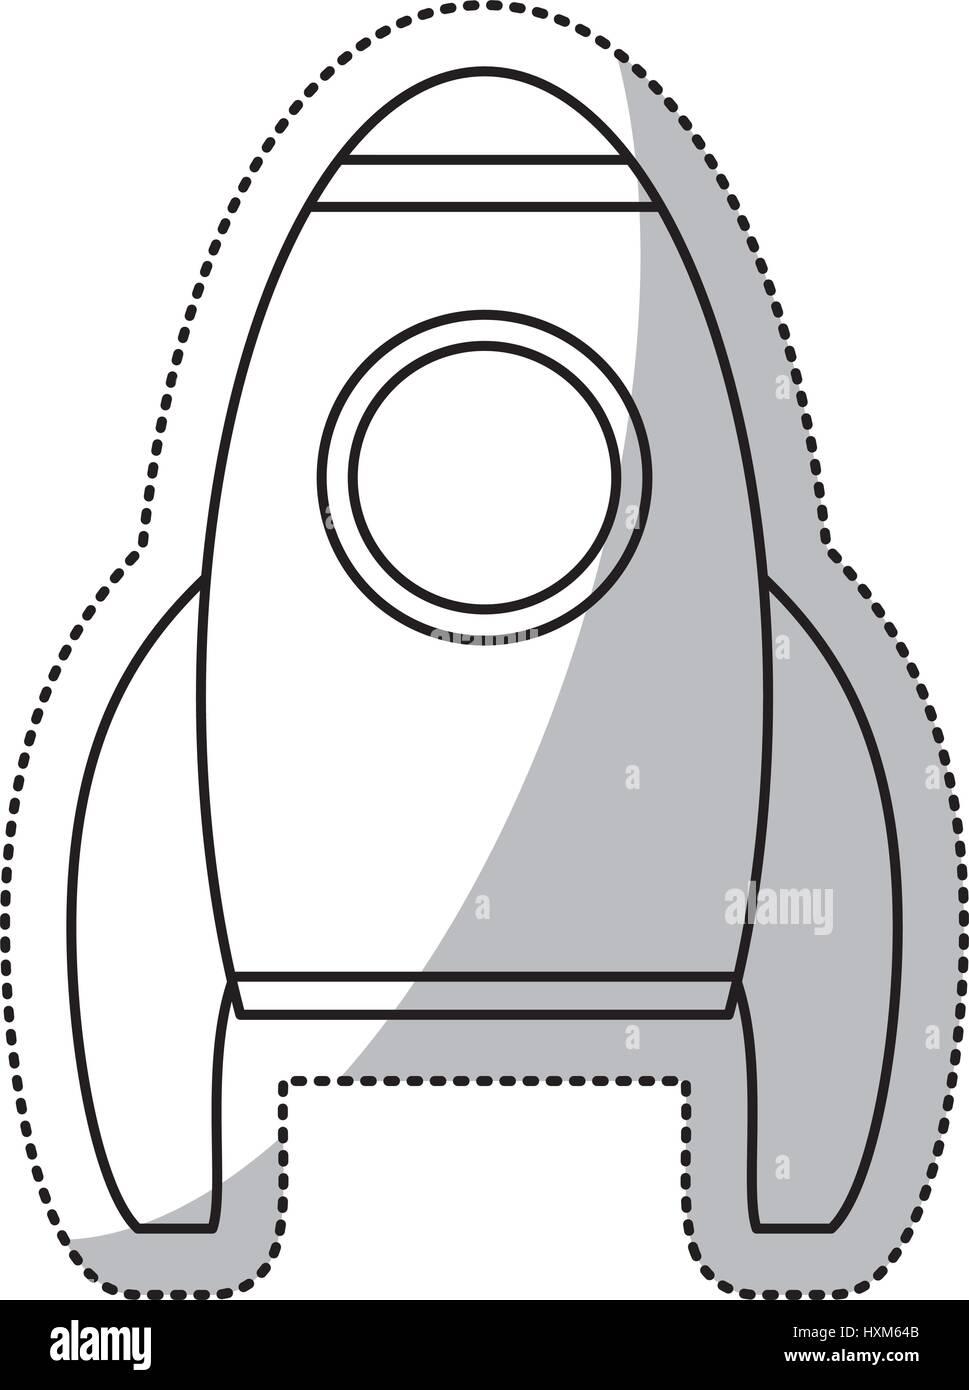 rocket transport space outline stock vector art u0026 illustration